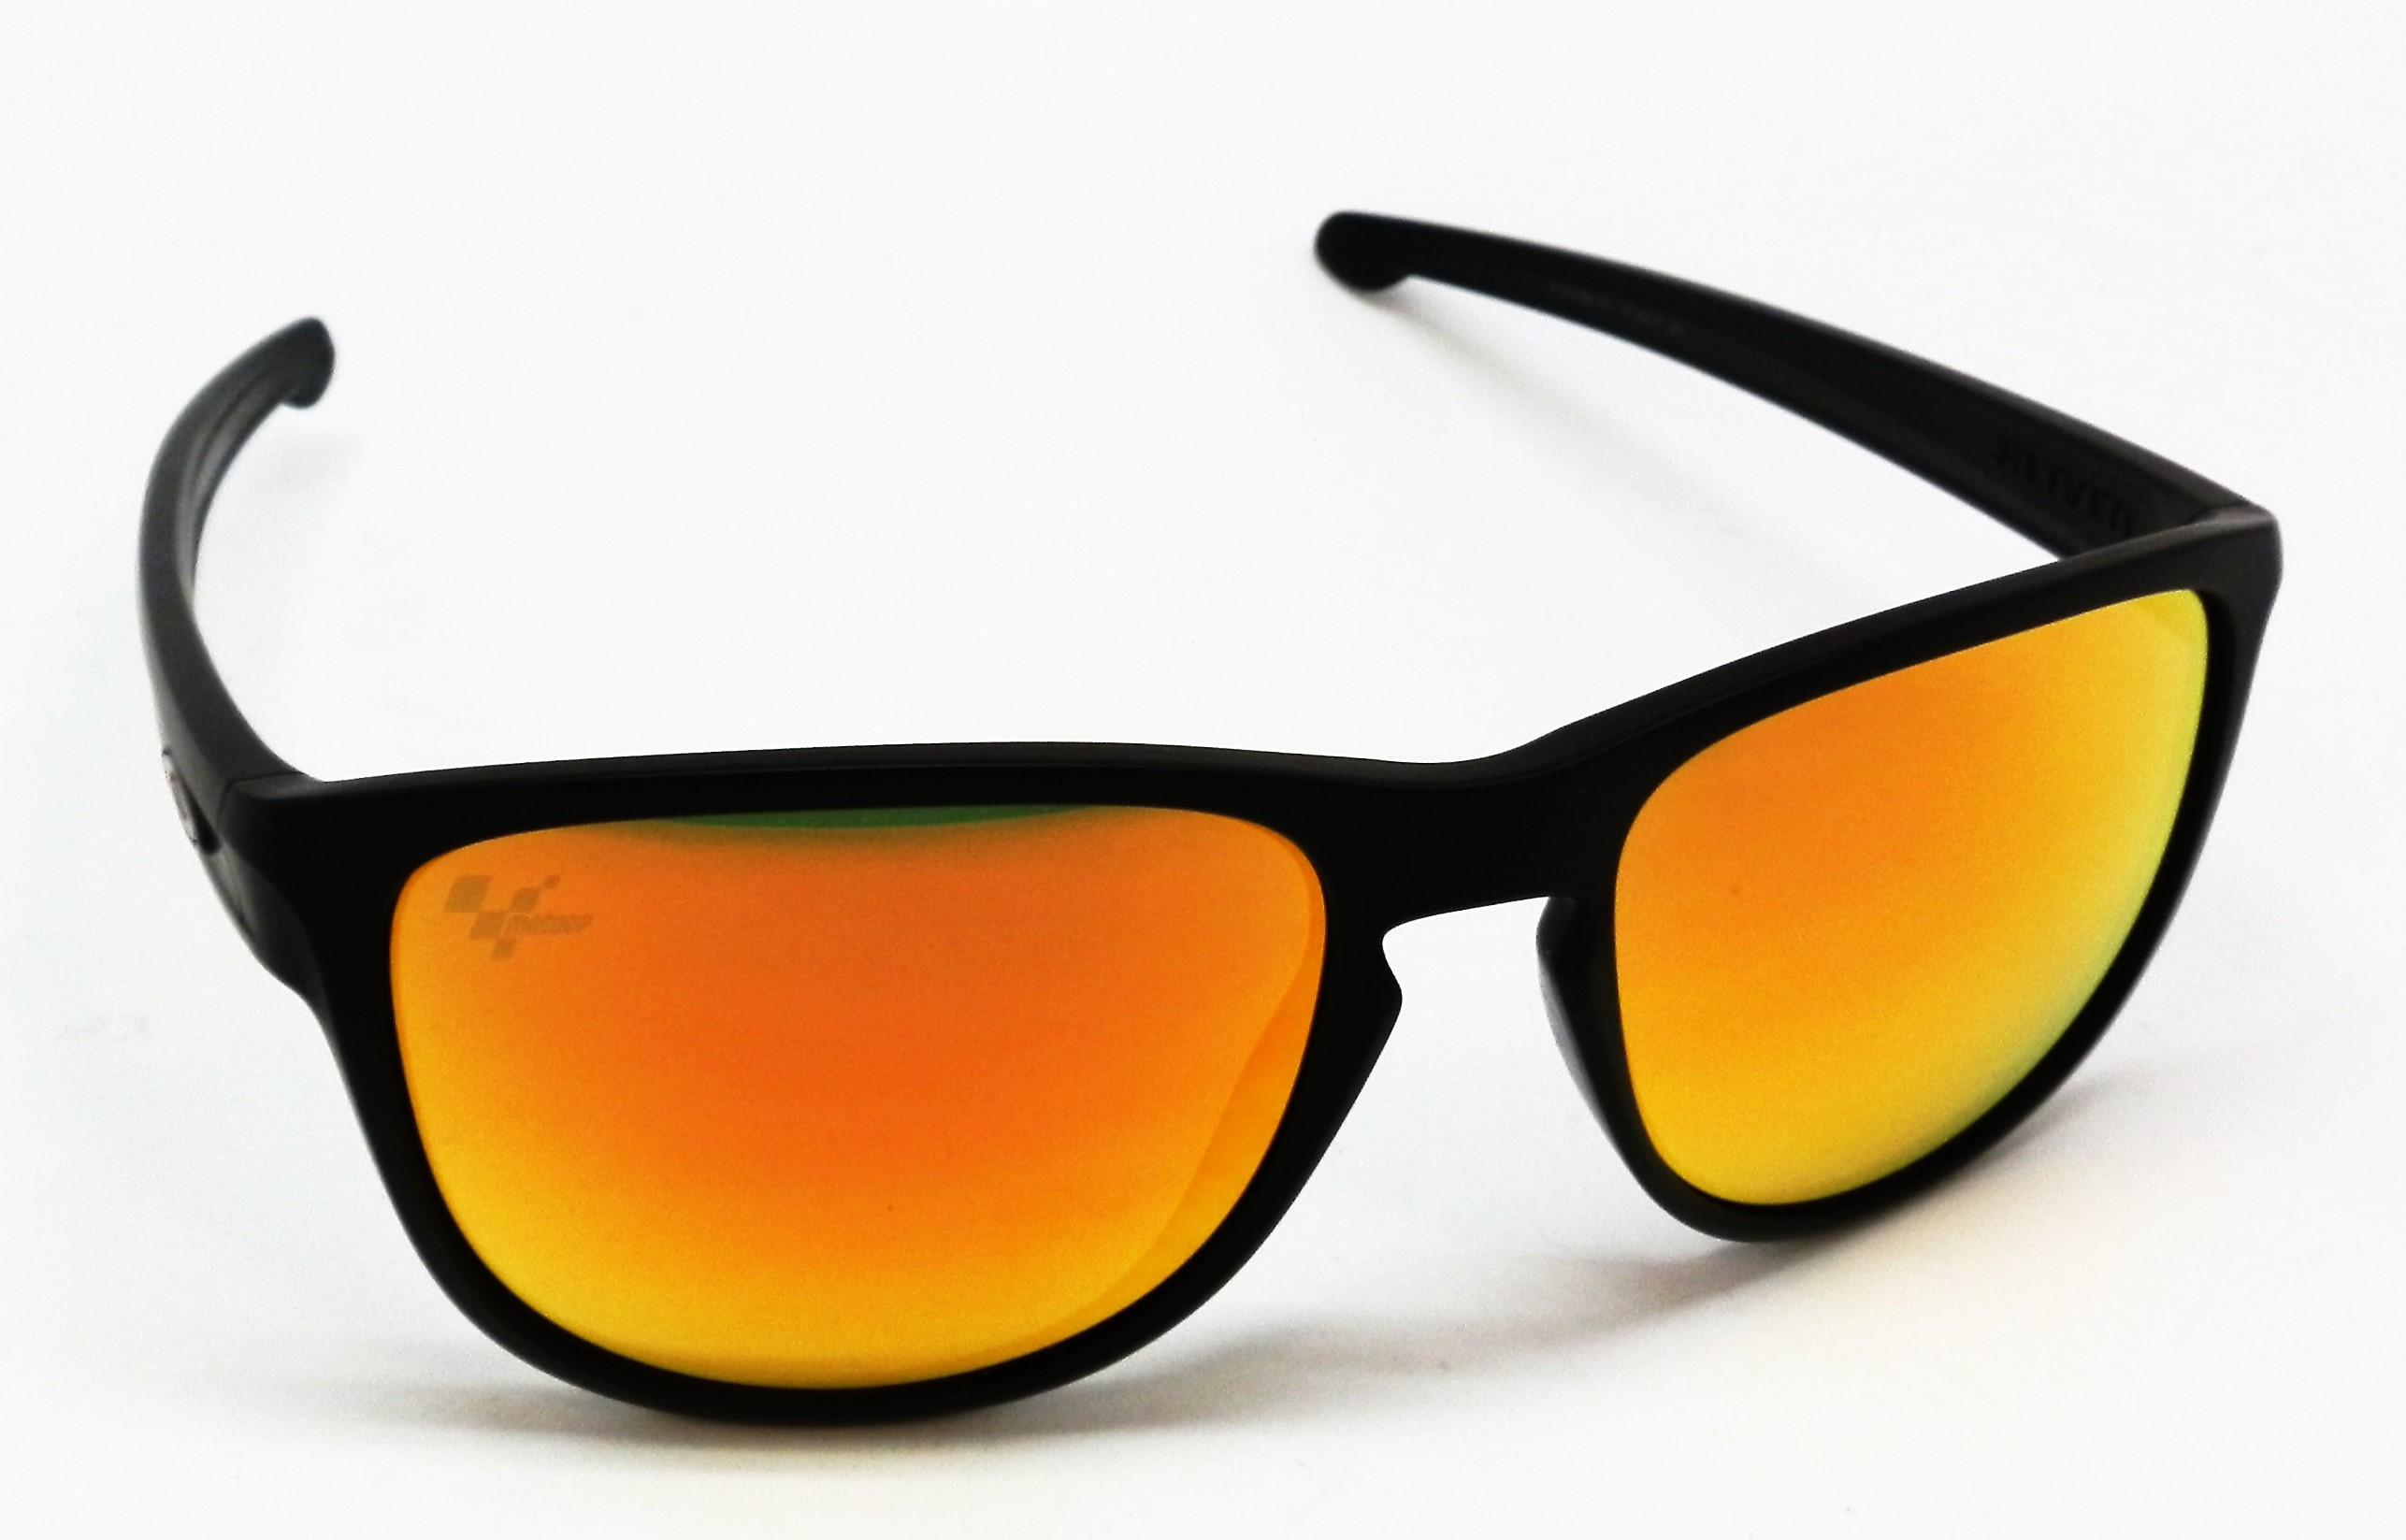 5e3a0ba99 Gafas de sol Oakley Sliver Matte Olive Ink (Prizm Ruby)  Bilbotruke